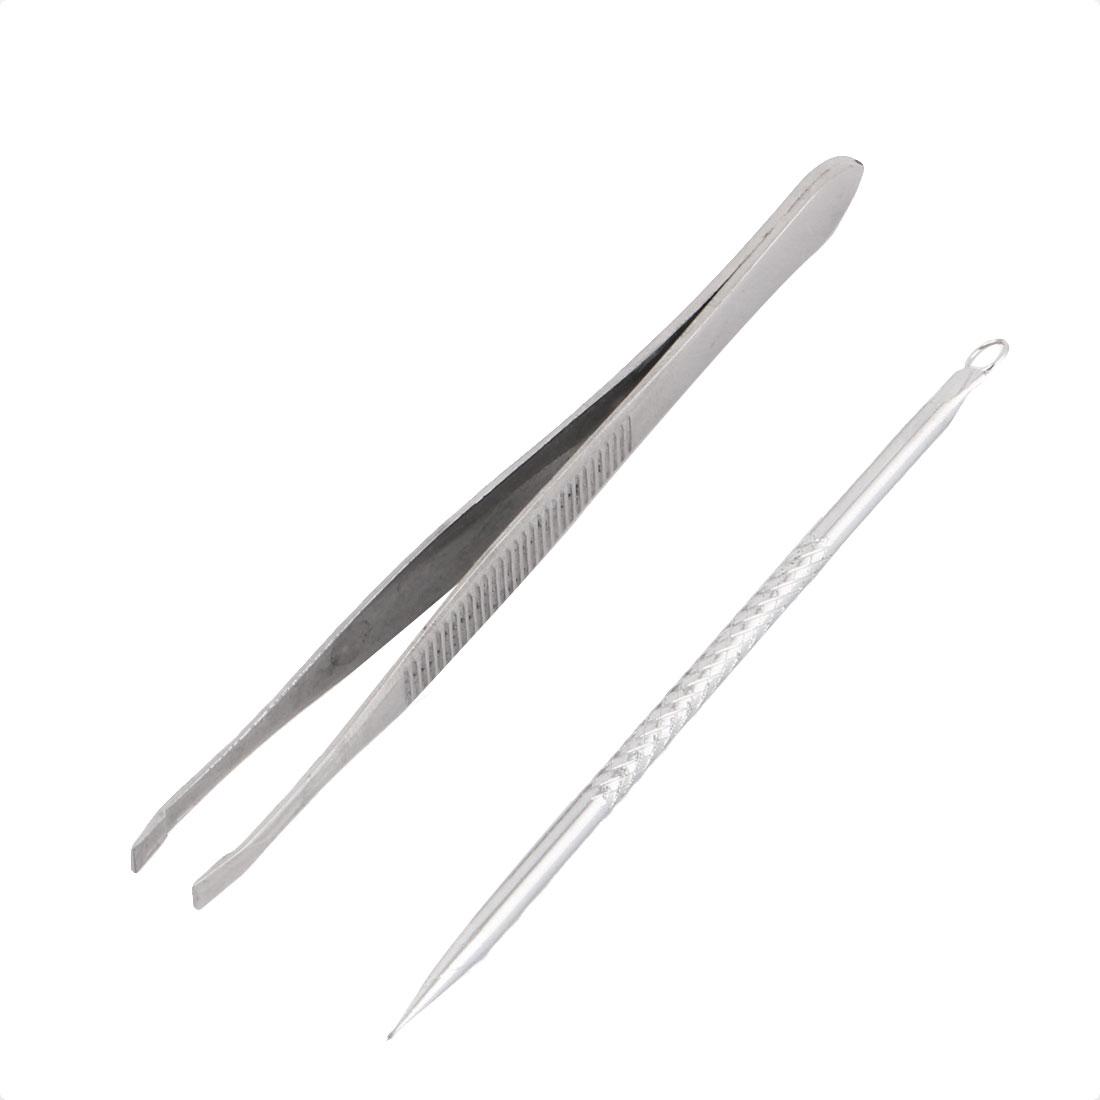 Ladies Comedone Needle Eyebrow Tweezers Beauty Cosmetic Manicure Tool 2 in 1